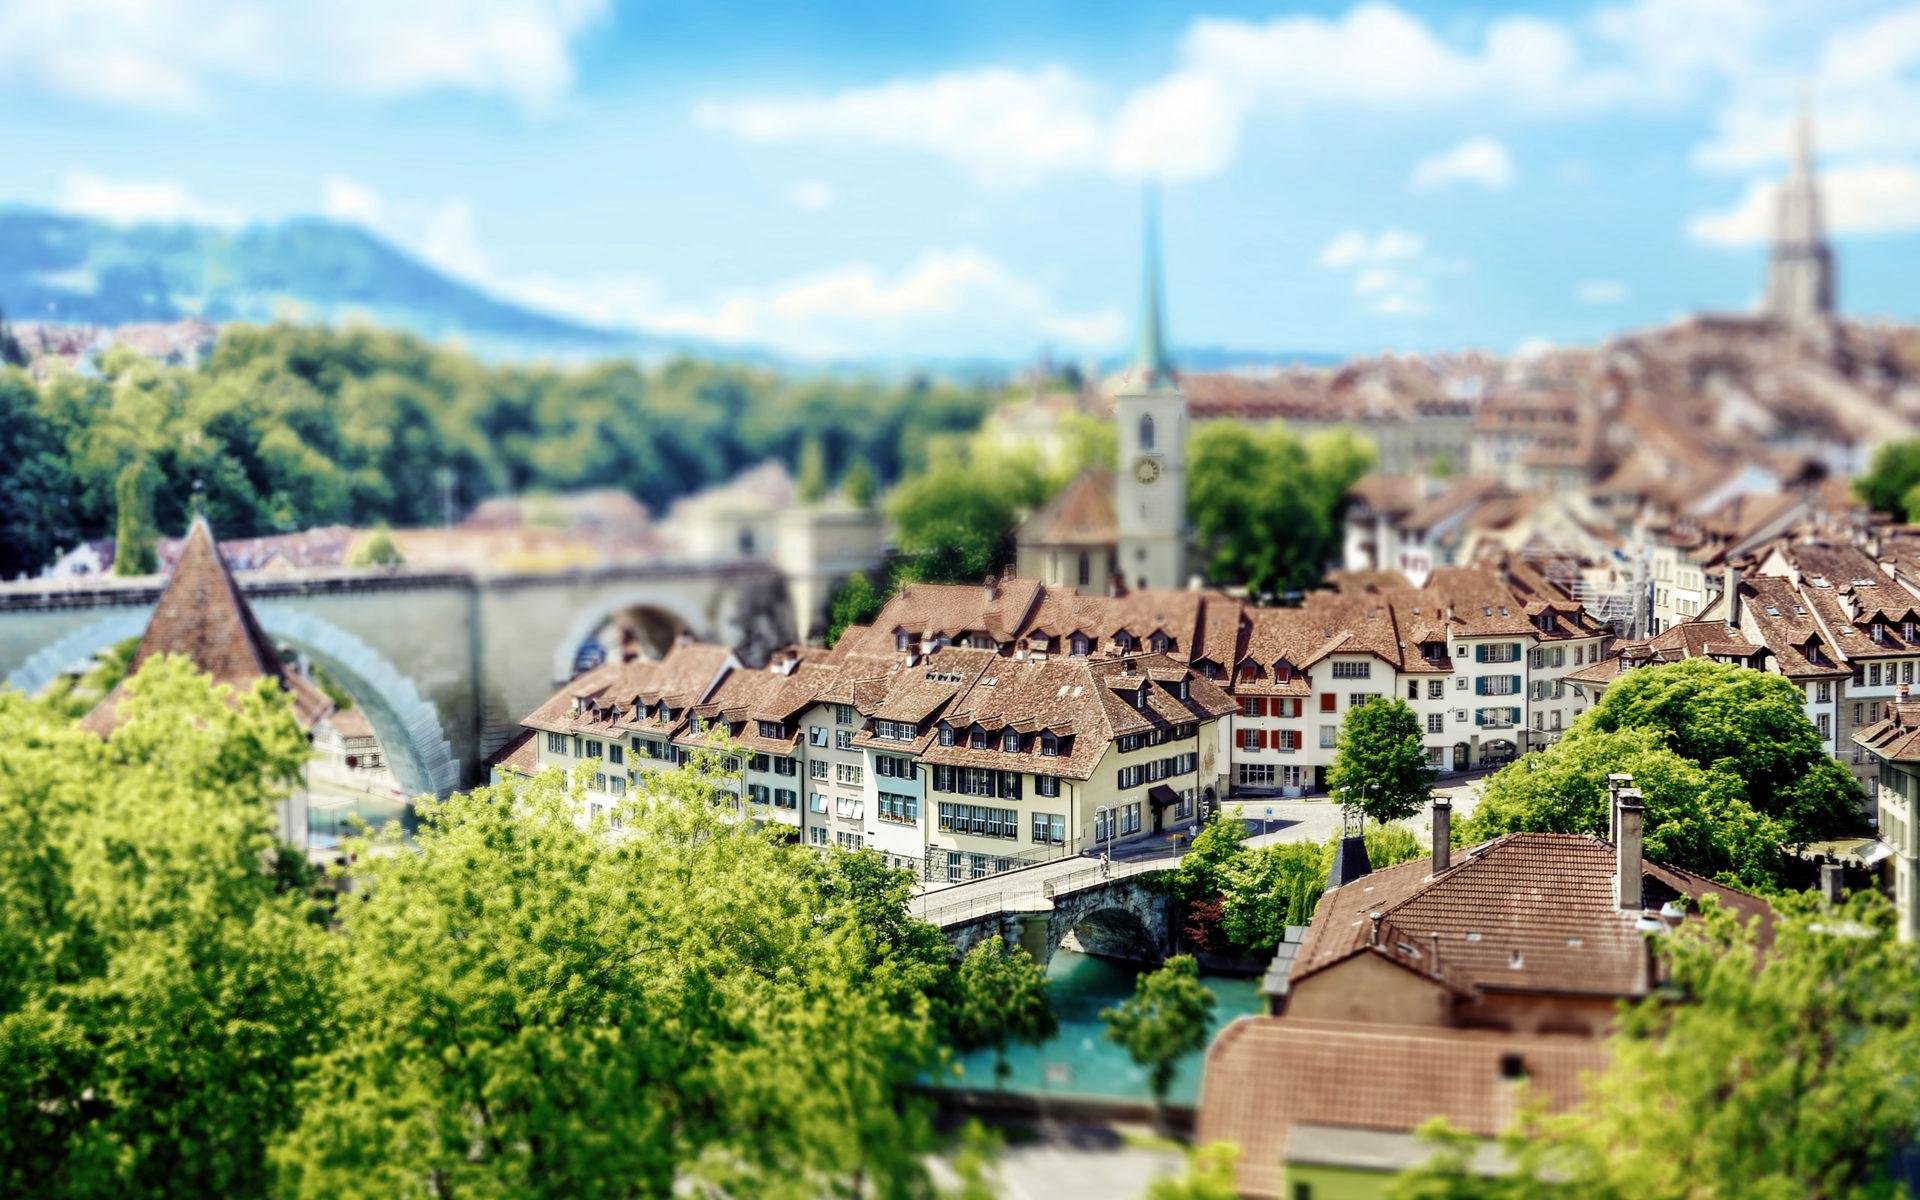 VSRB Verband Schweizer Regionalbanken für den Schweizer Finanzplatz